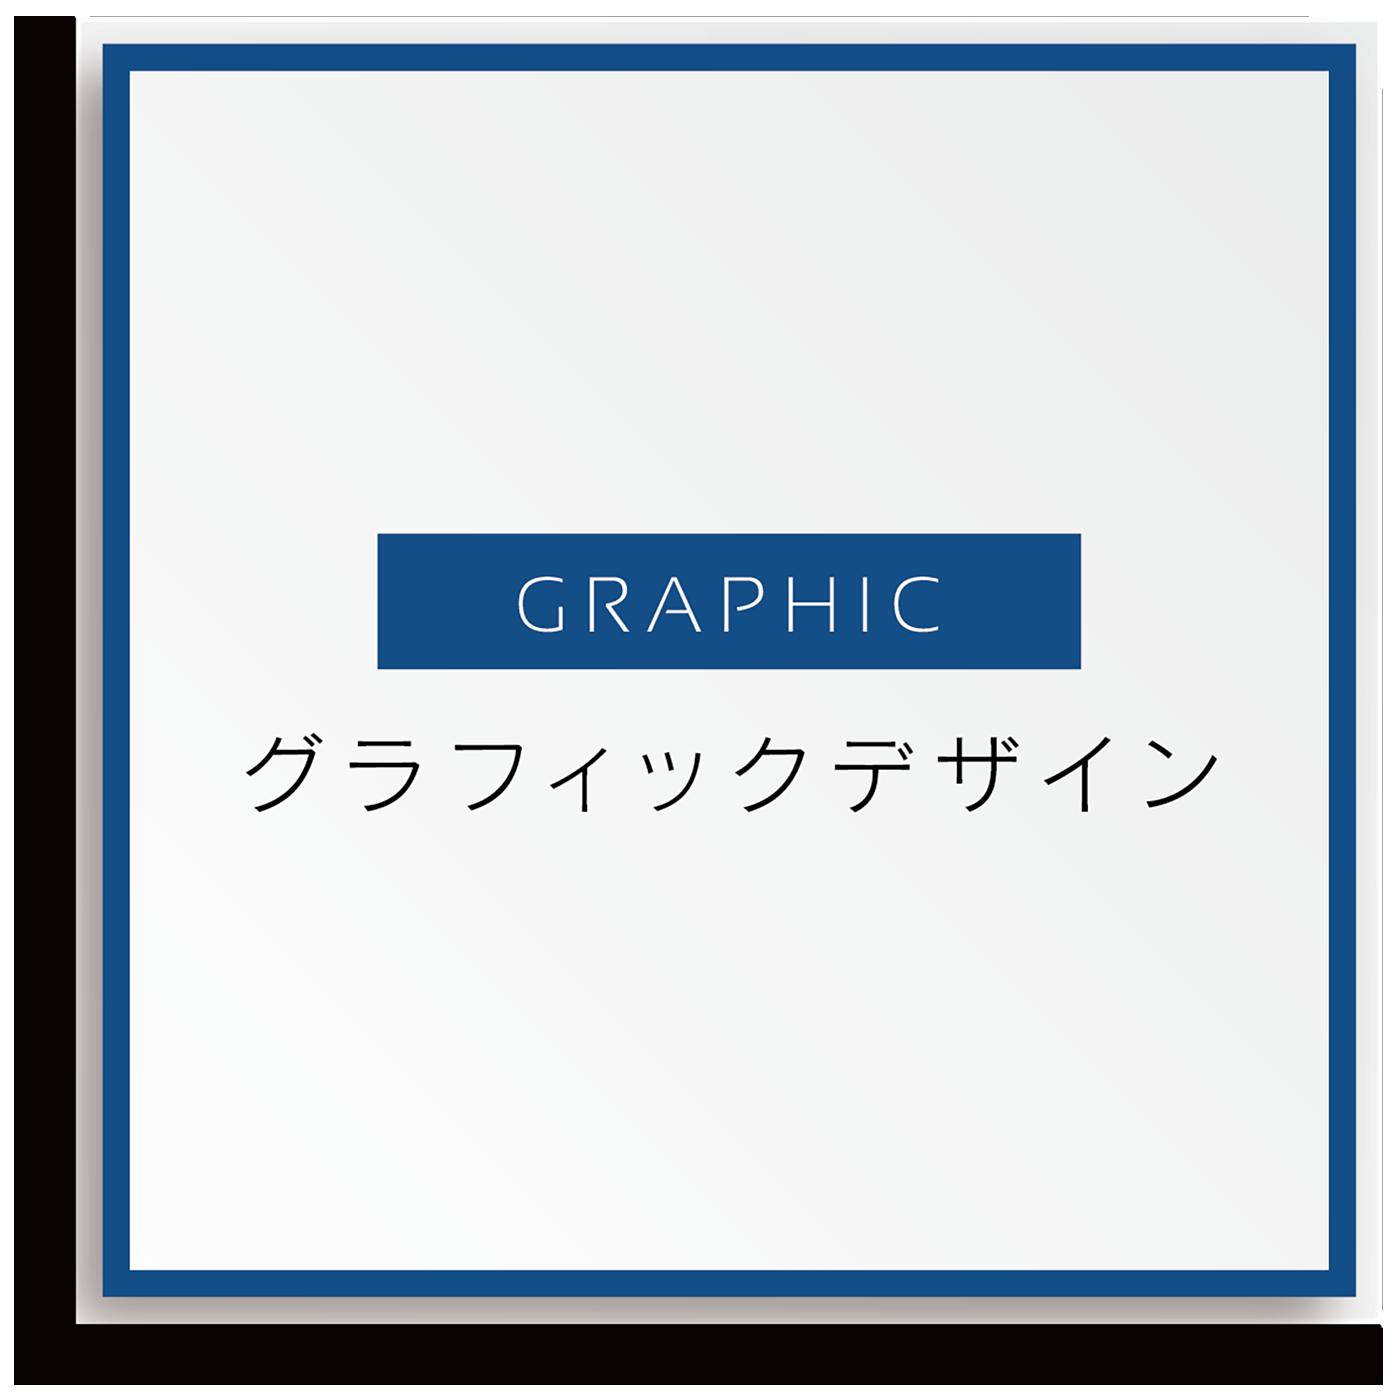 クリエイティブ・オールージュ|クリエイティブ デザイン